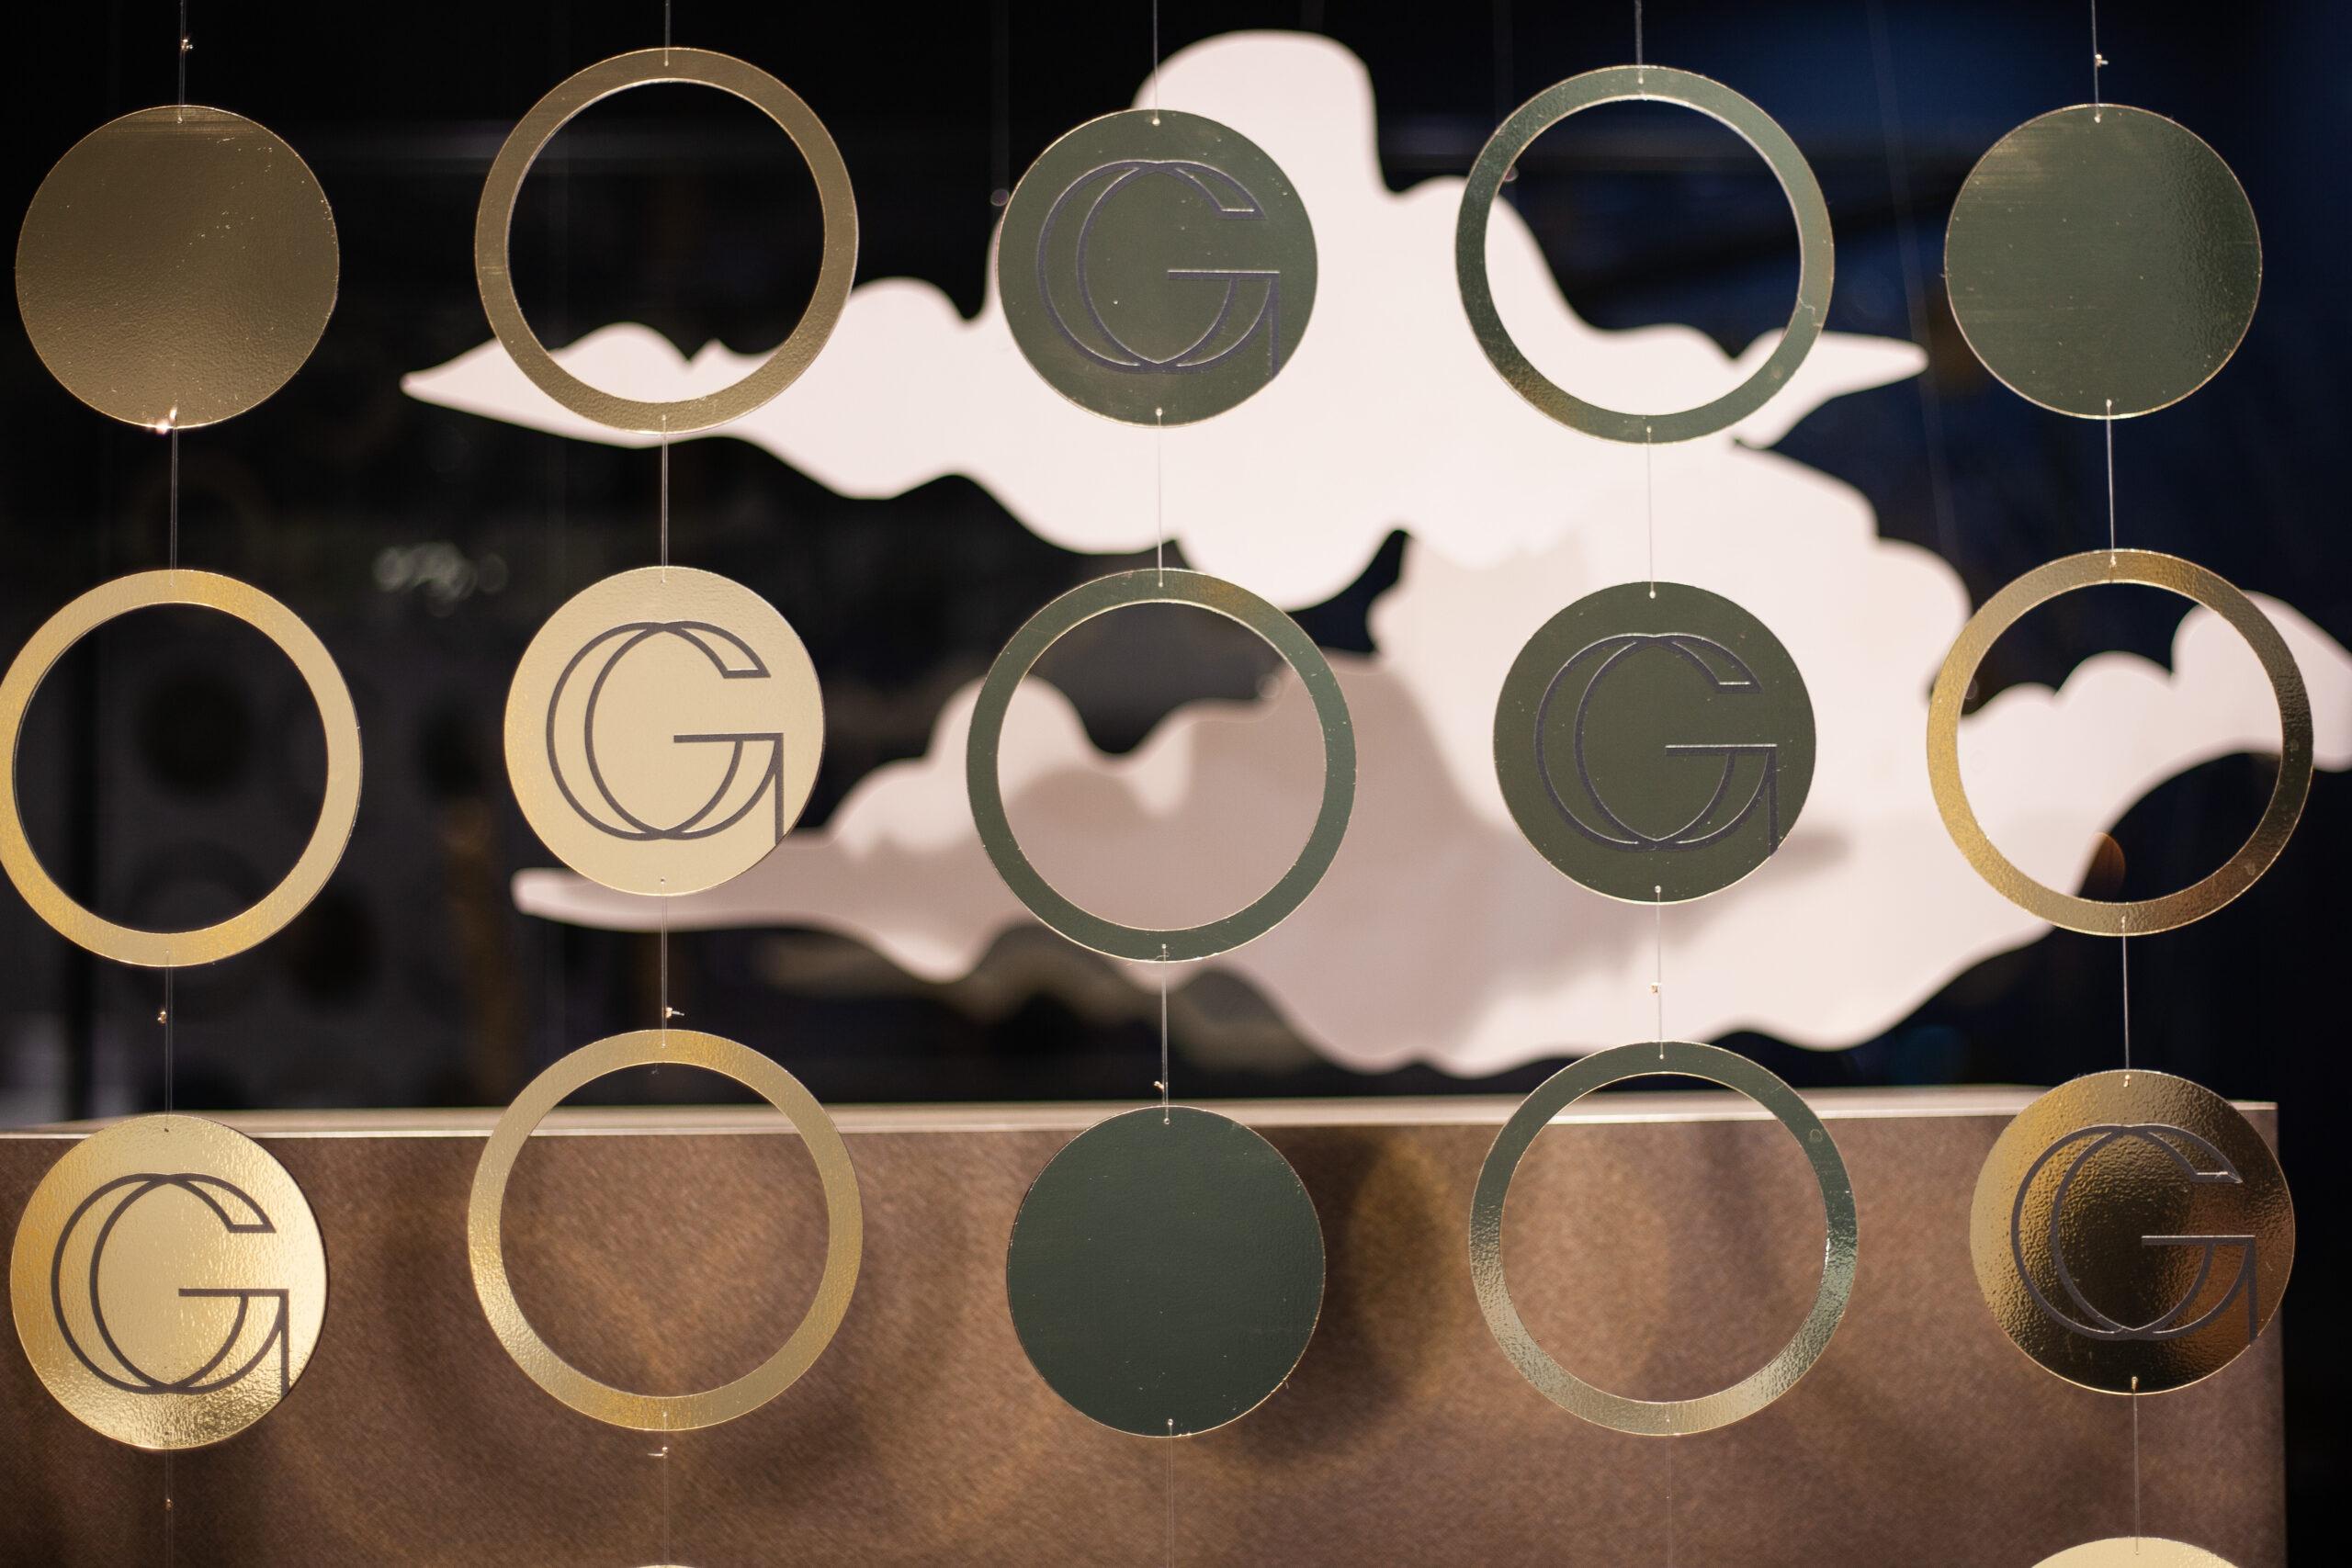 projektowanie witryn sklepowych jubiler gablota wystawa